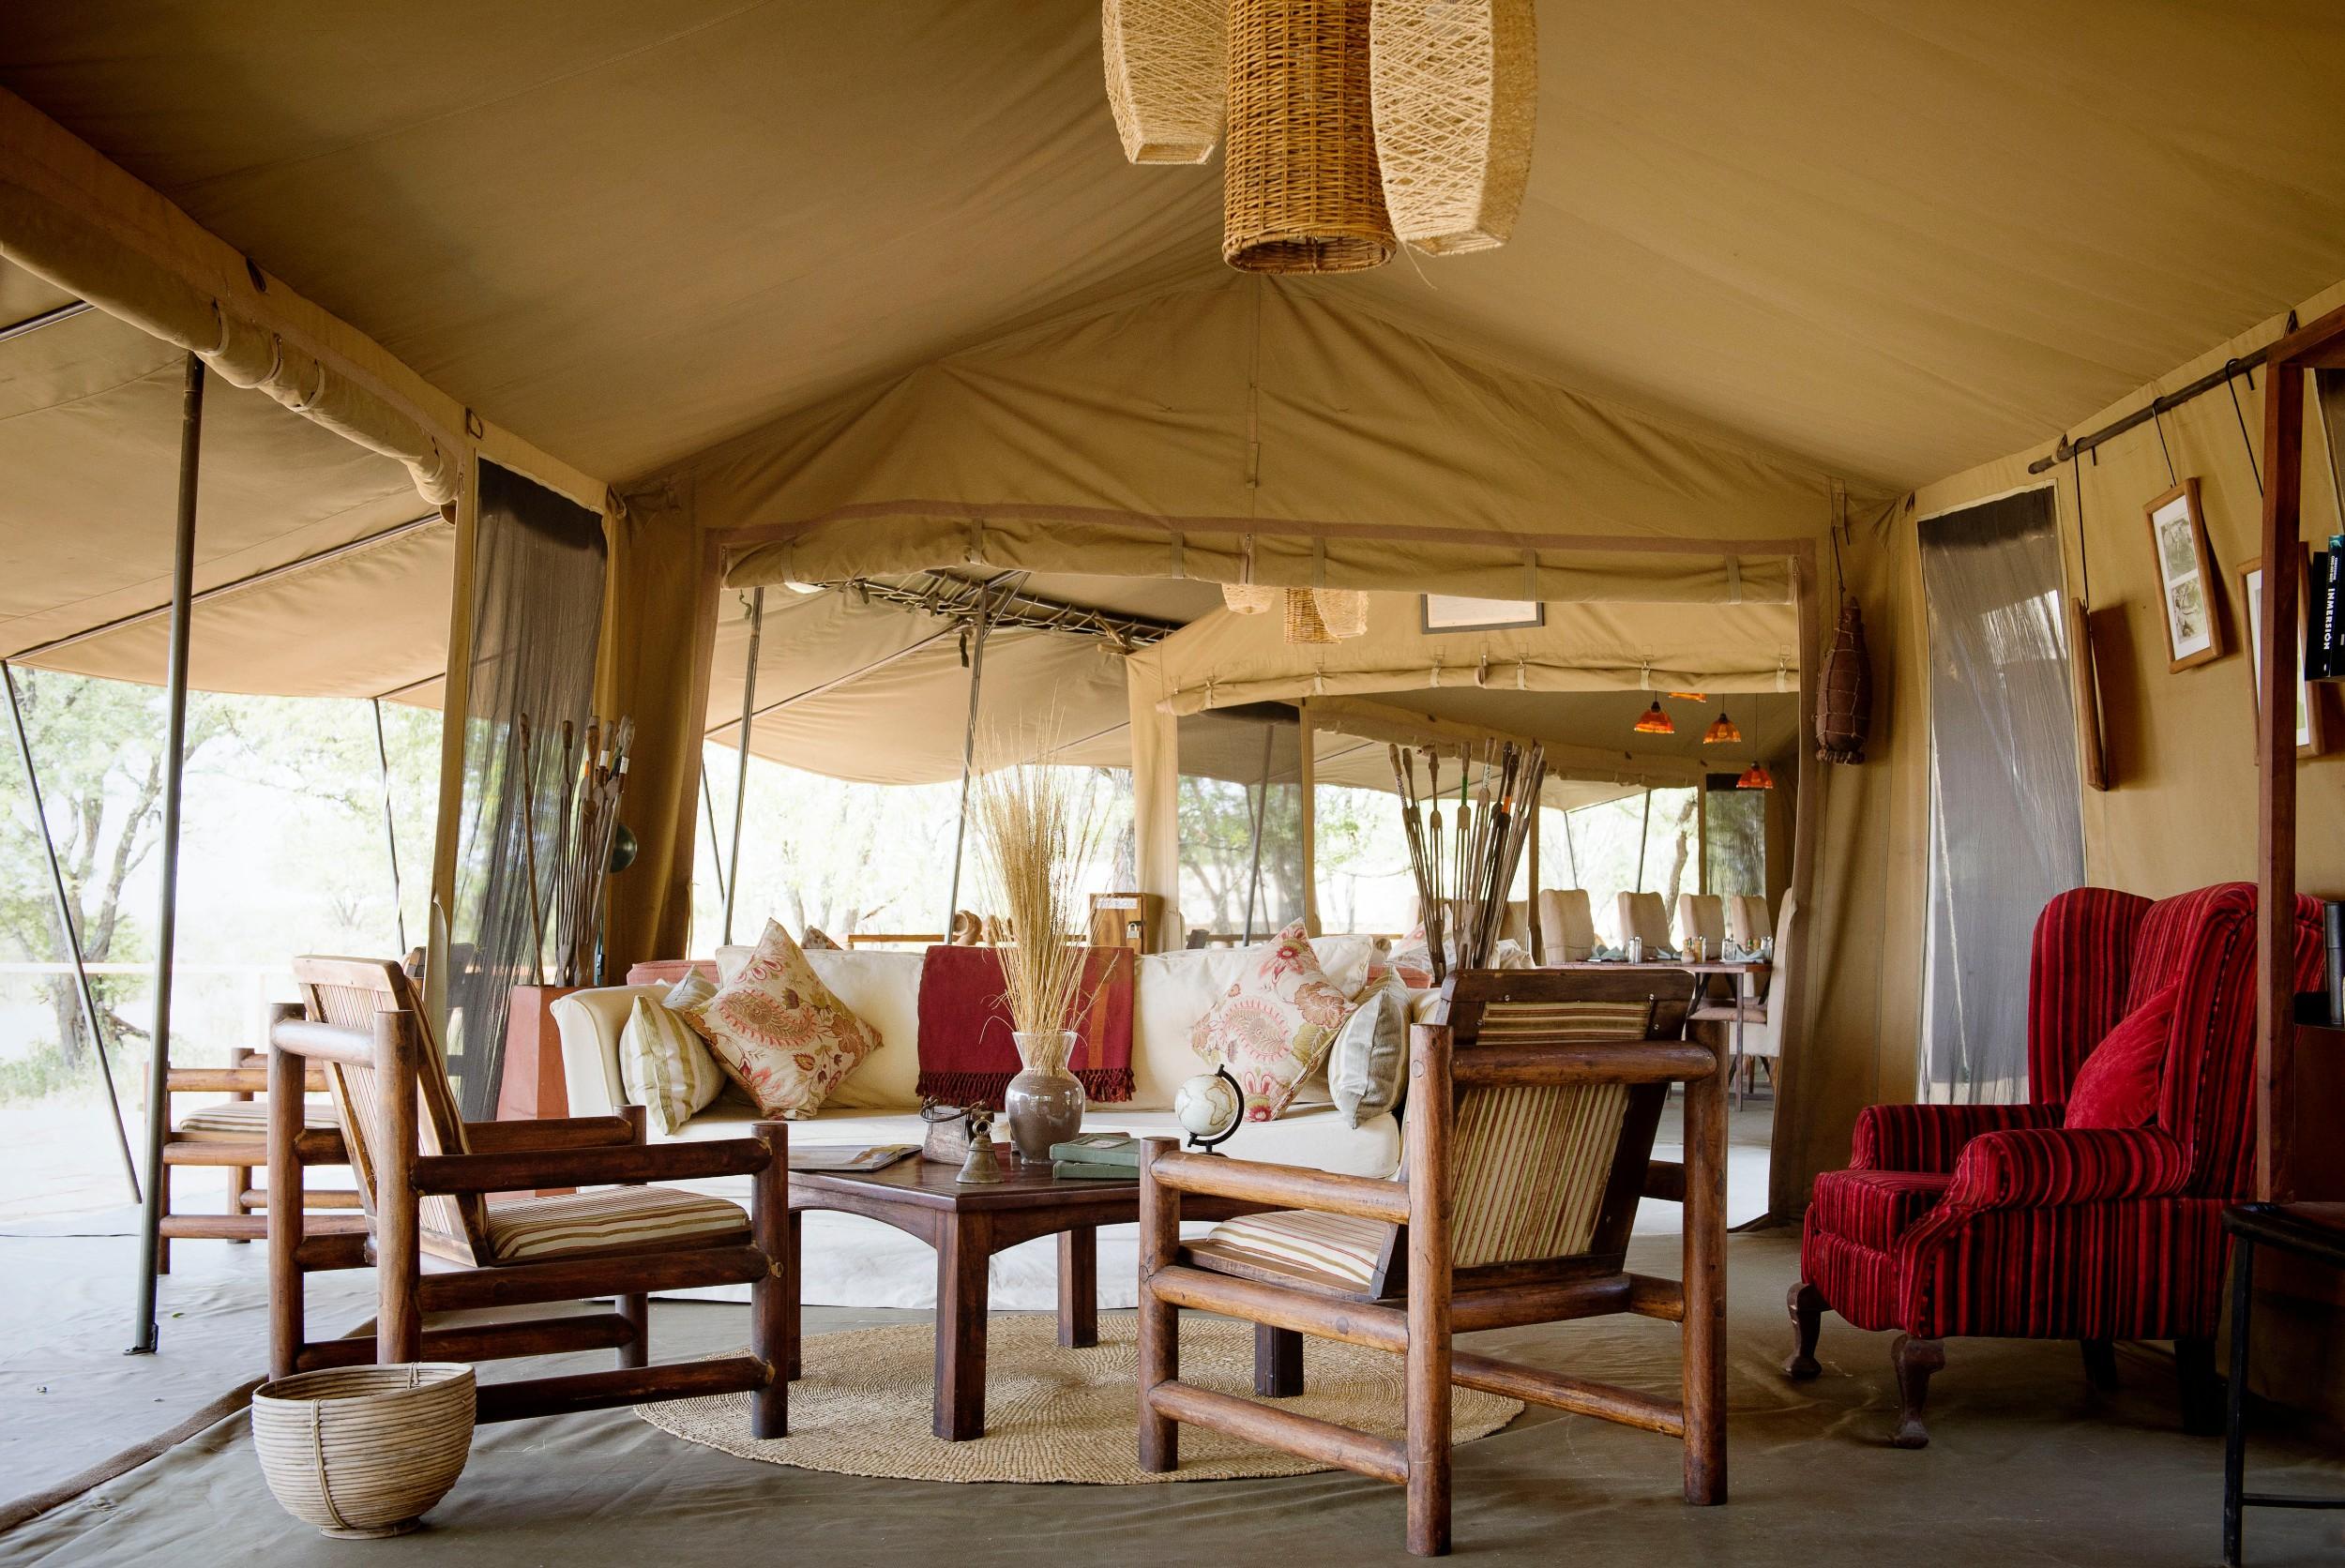 Dunia-Camp-lounge-area-2-Eliza-Deacon-HR.jpg